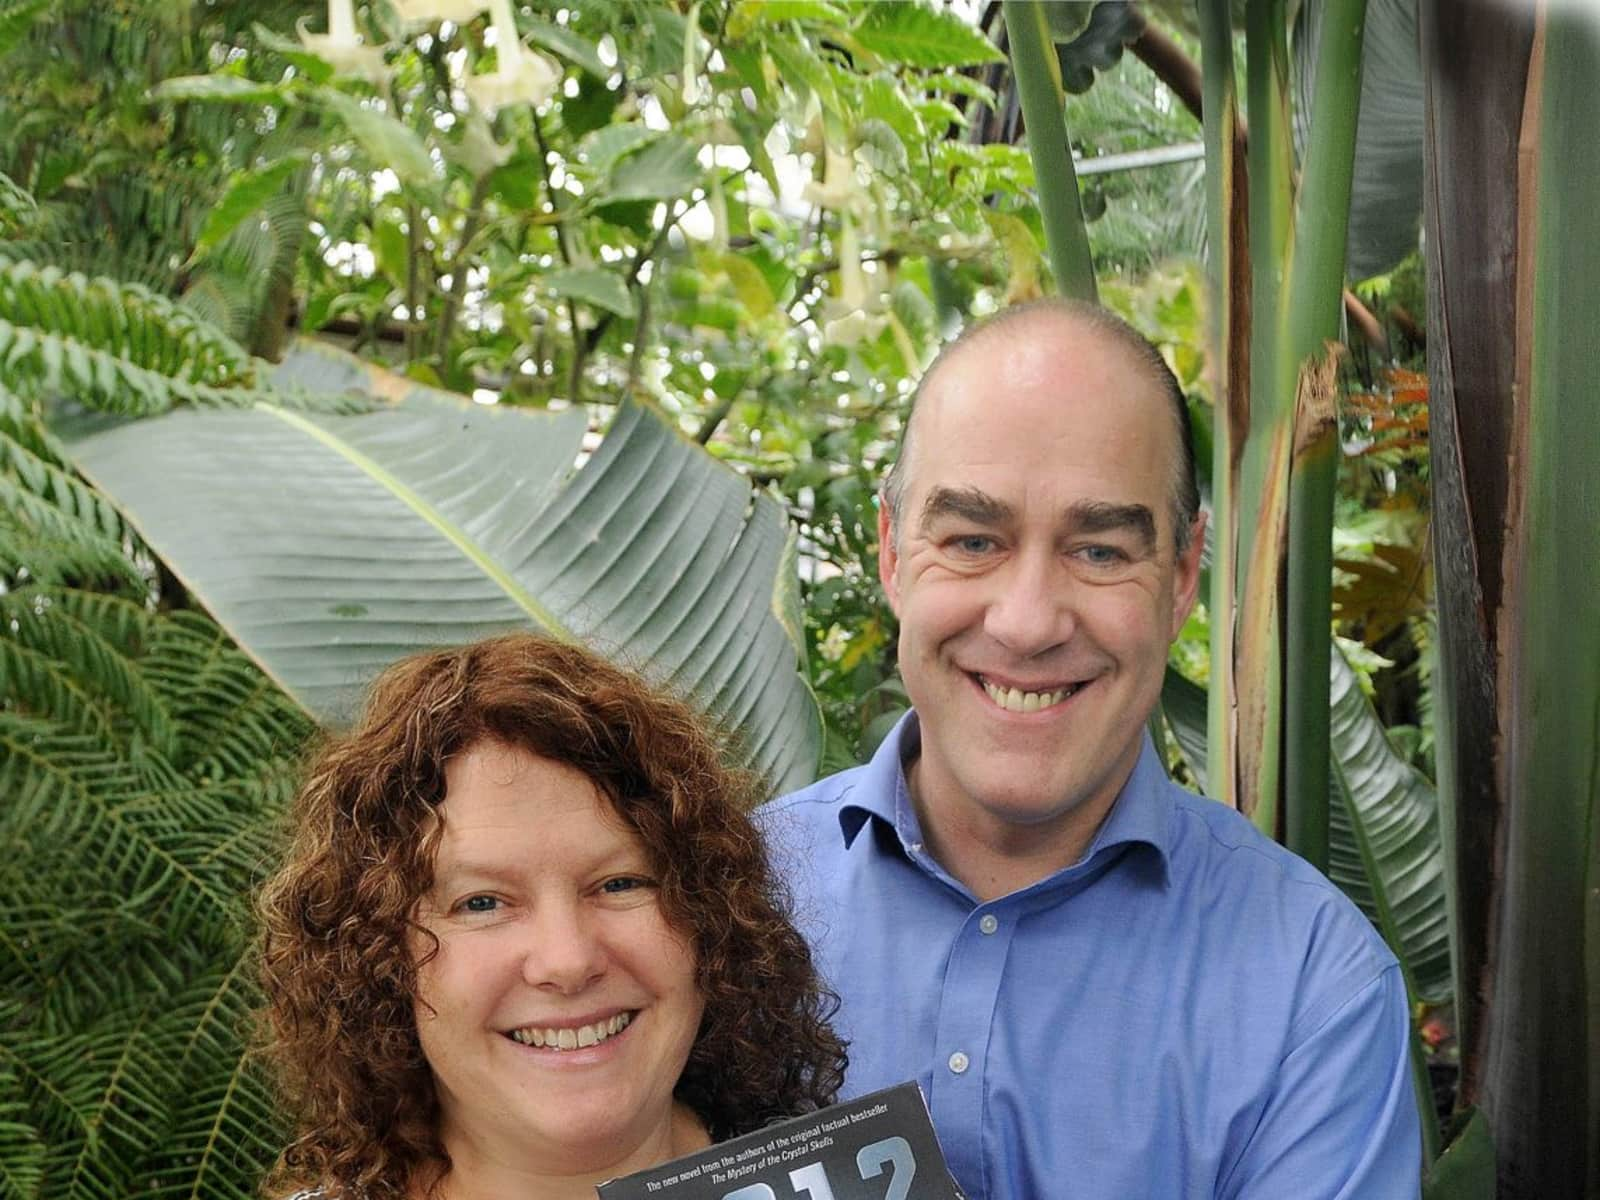 Chris & Ceri louise from Westonzoyland, United Kingdom